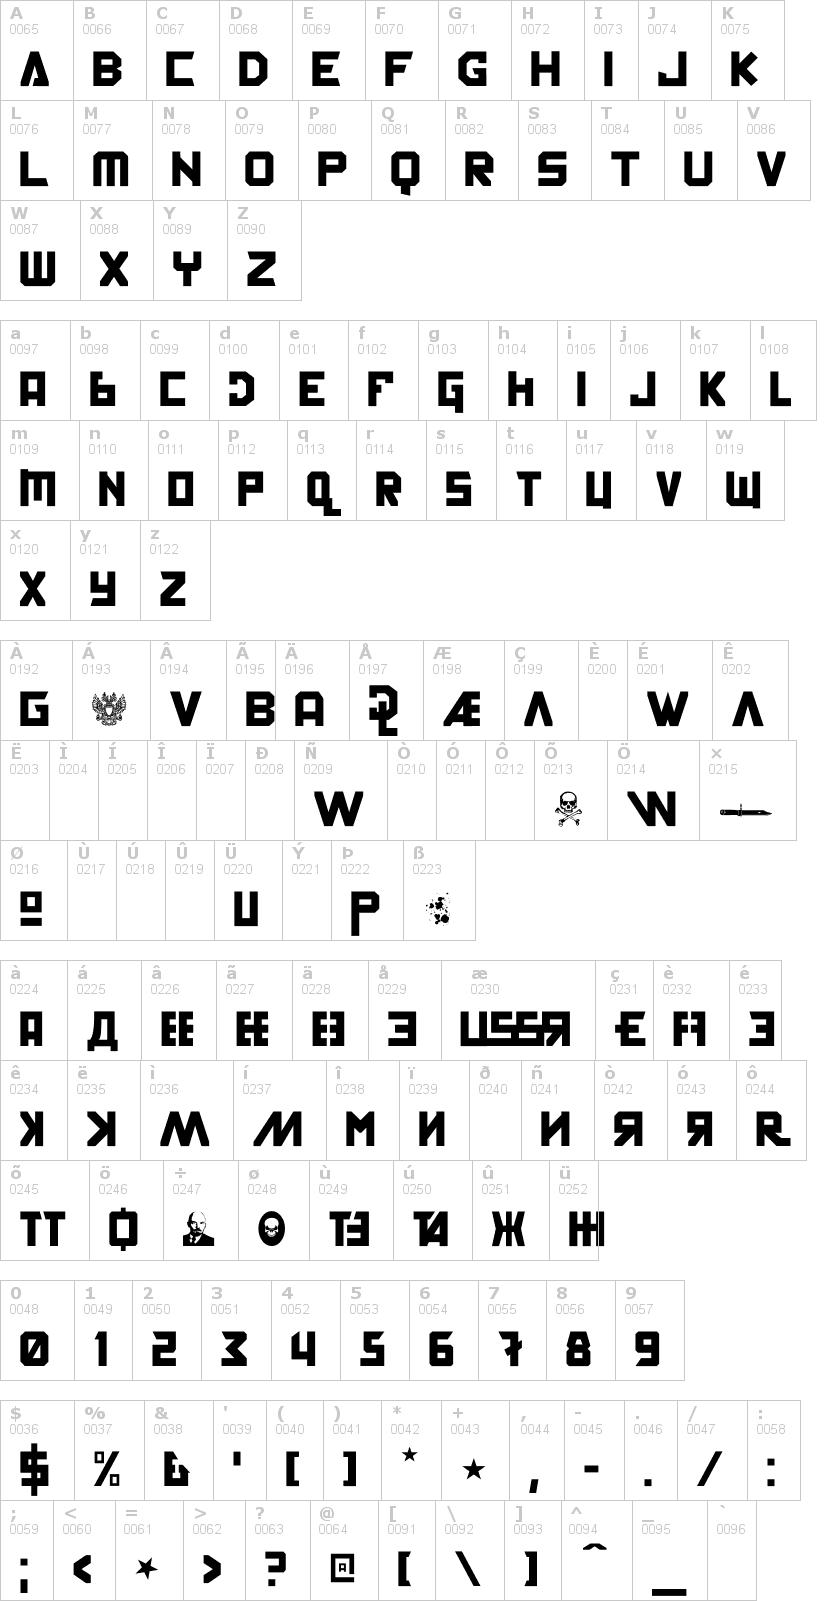 Lettere dell'alfabeto del font back-in-the-ussr-dl con le quali è possibile realizzare adesivi prespaziati